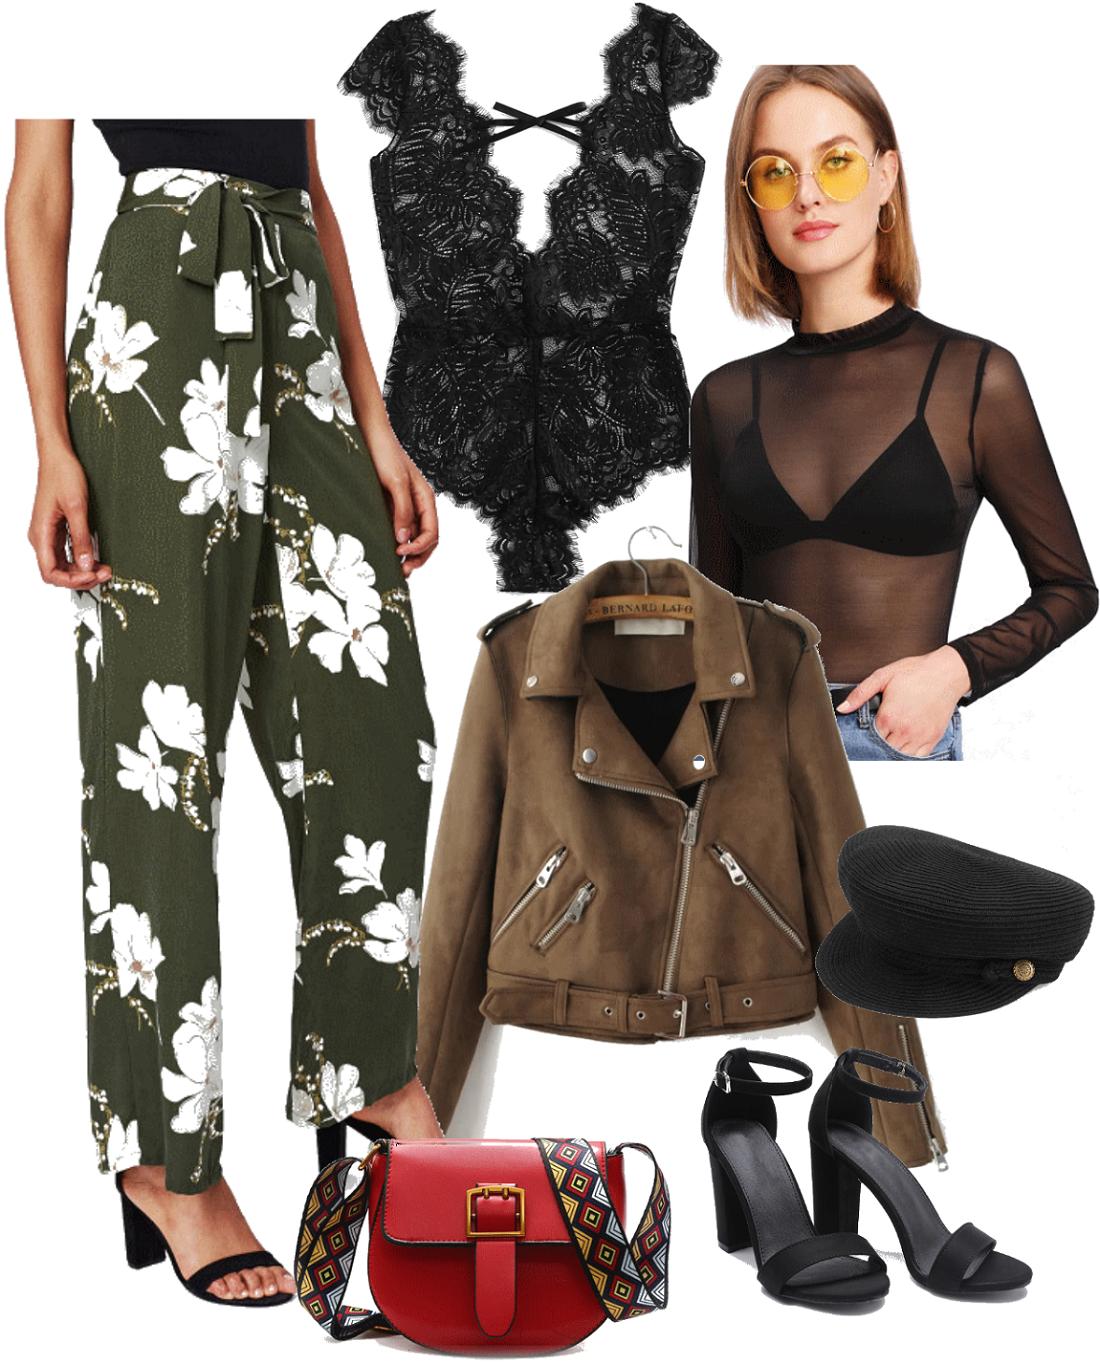 pauline-dress-blog-mode-deco-decoration-lifestyle-tenue-shein-ebay-du-dimanche-85-pantalon-fluide-body-dentelle-perfecto-kaki-sac-rouge-bandouliere-site-asiatique-chinois-sandales-noires